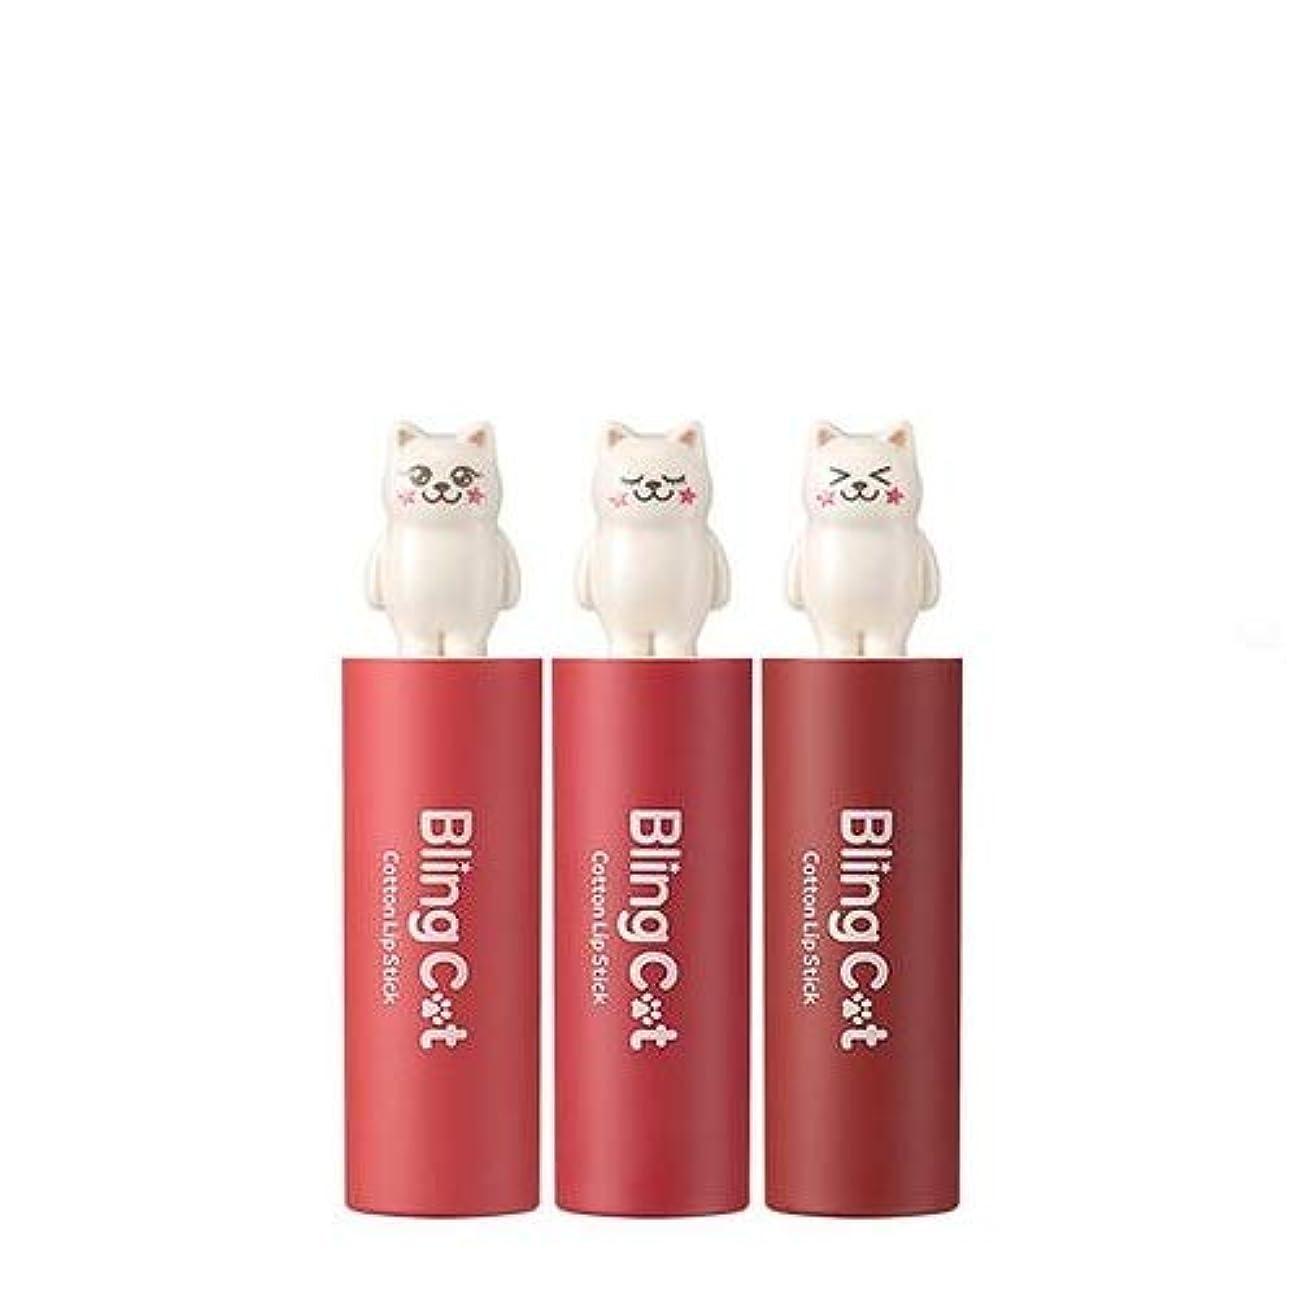 刺激する資本主義優しさトニーモリー ブリングキャット コットン リップスティック 3.4g / TONYMOLY Bling Cat Cotton Lipstick # 07. Lilac Tear [並行輸入品]